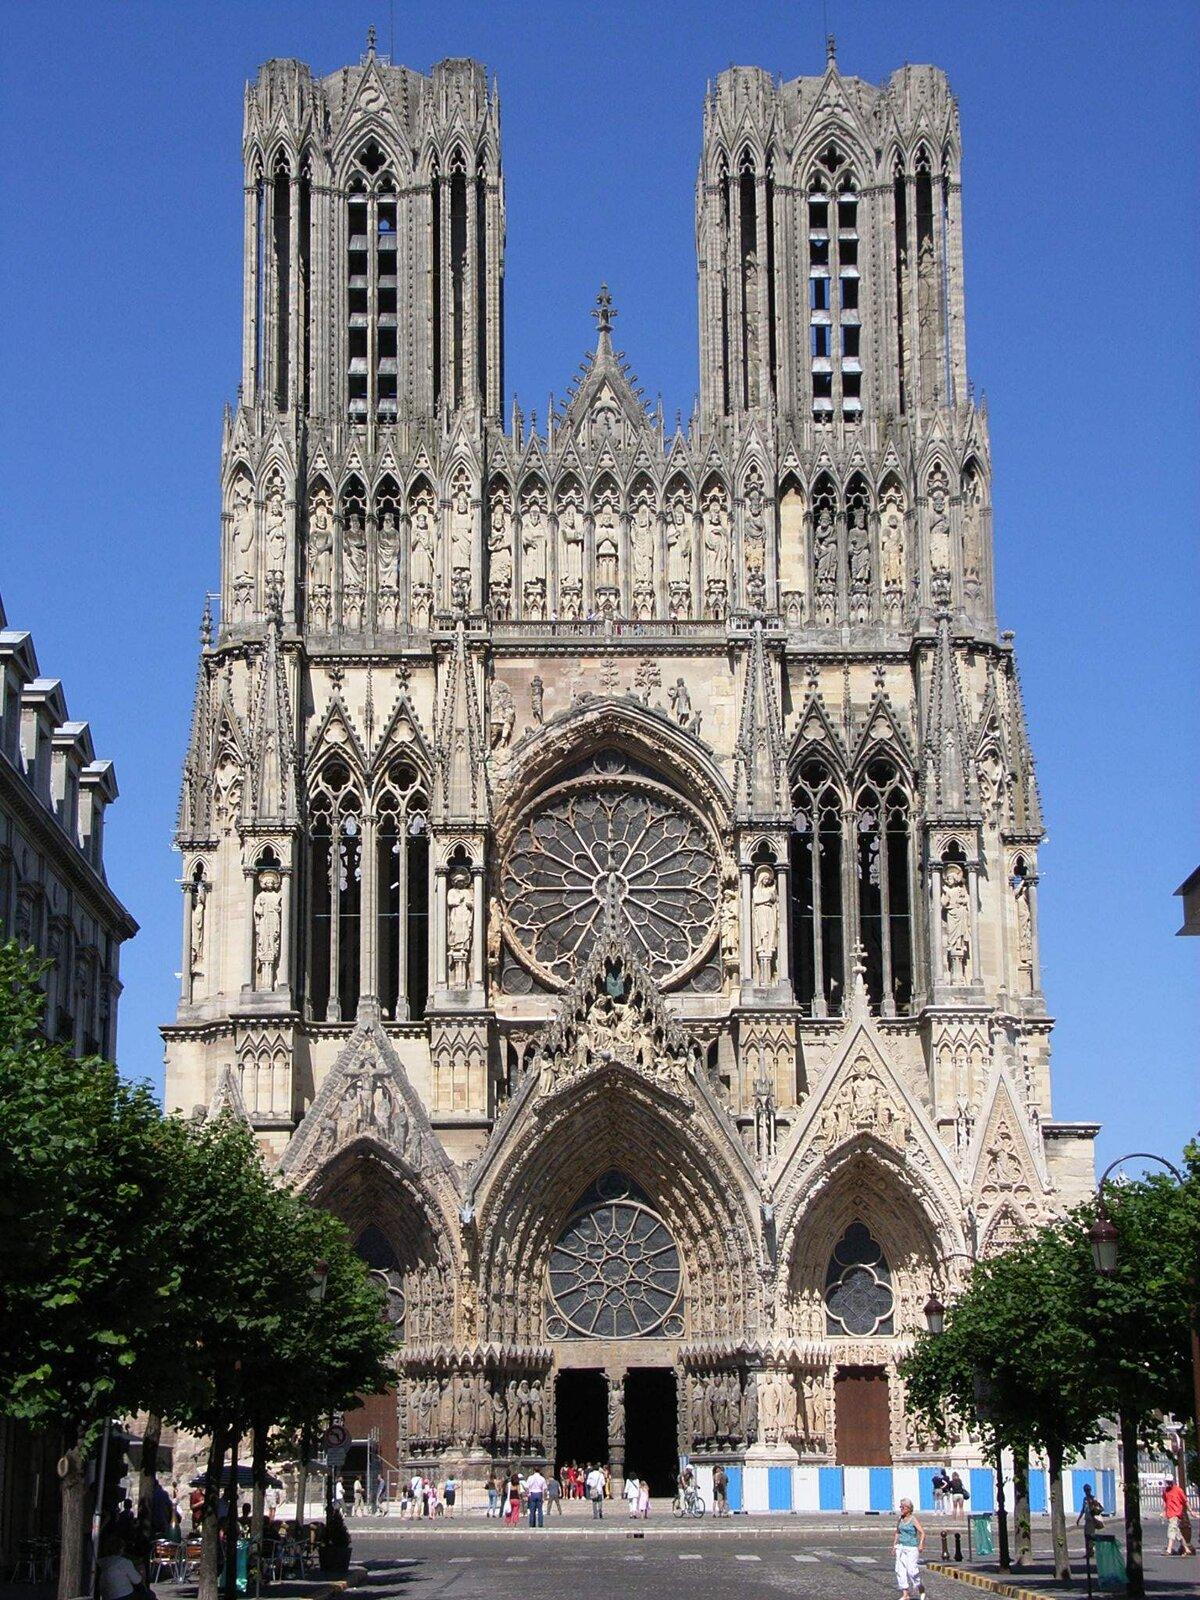 Ilustracja przedstawia budynek gotyckiej katedry wReims we Francji. Budowla pochodzi zXIII wieku. Ukazuje widok od strony zachodniej ztrzema portalami, rozetą nad wejściem głównym oraz bogatą dekoracja wpostaci galerii królów. Katedra posiada dwie wysokie wieże. Fotografia ukazuje bryłę kościoła od strony wejścia, zdrzewami rosnącymi po bokach. Tłem jest niebieskie niebo.